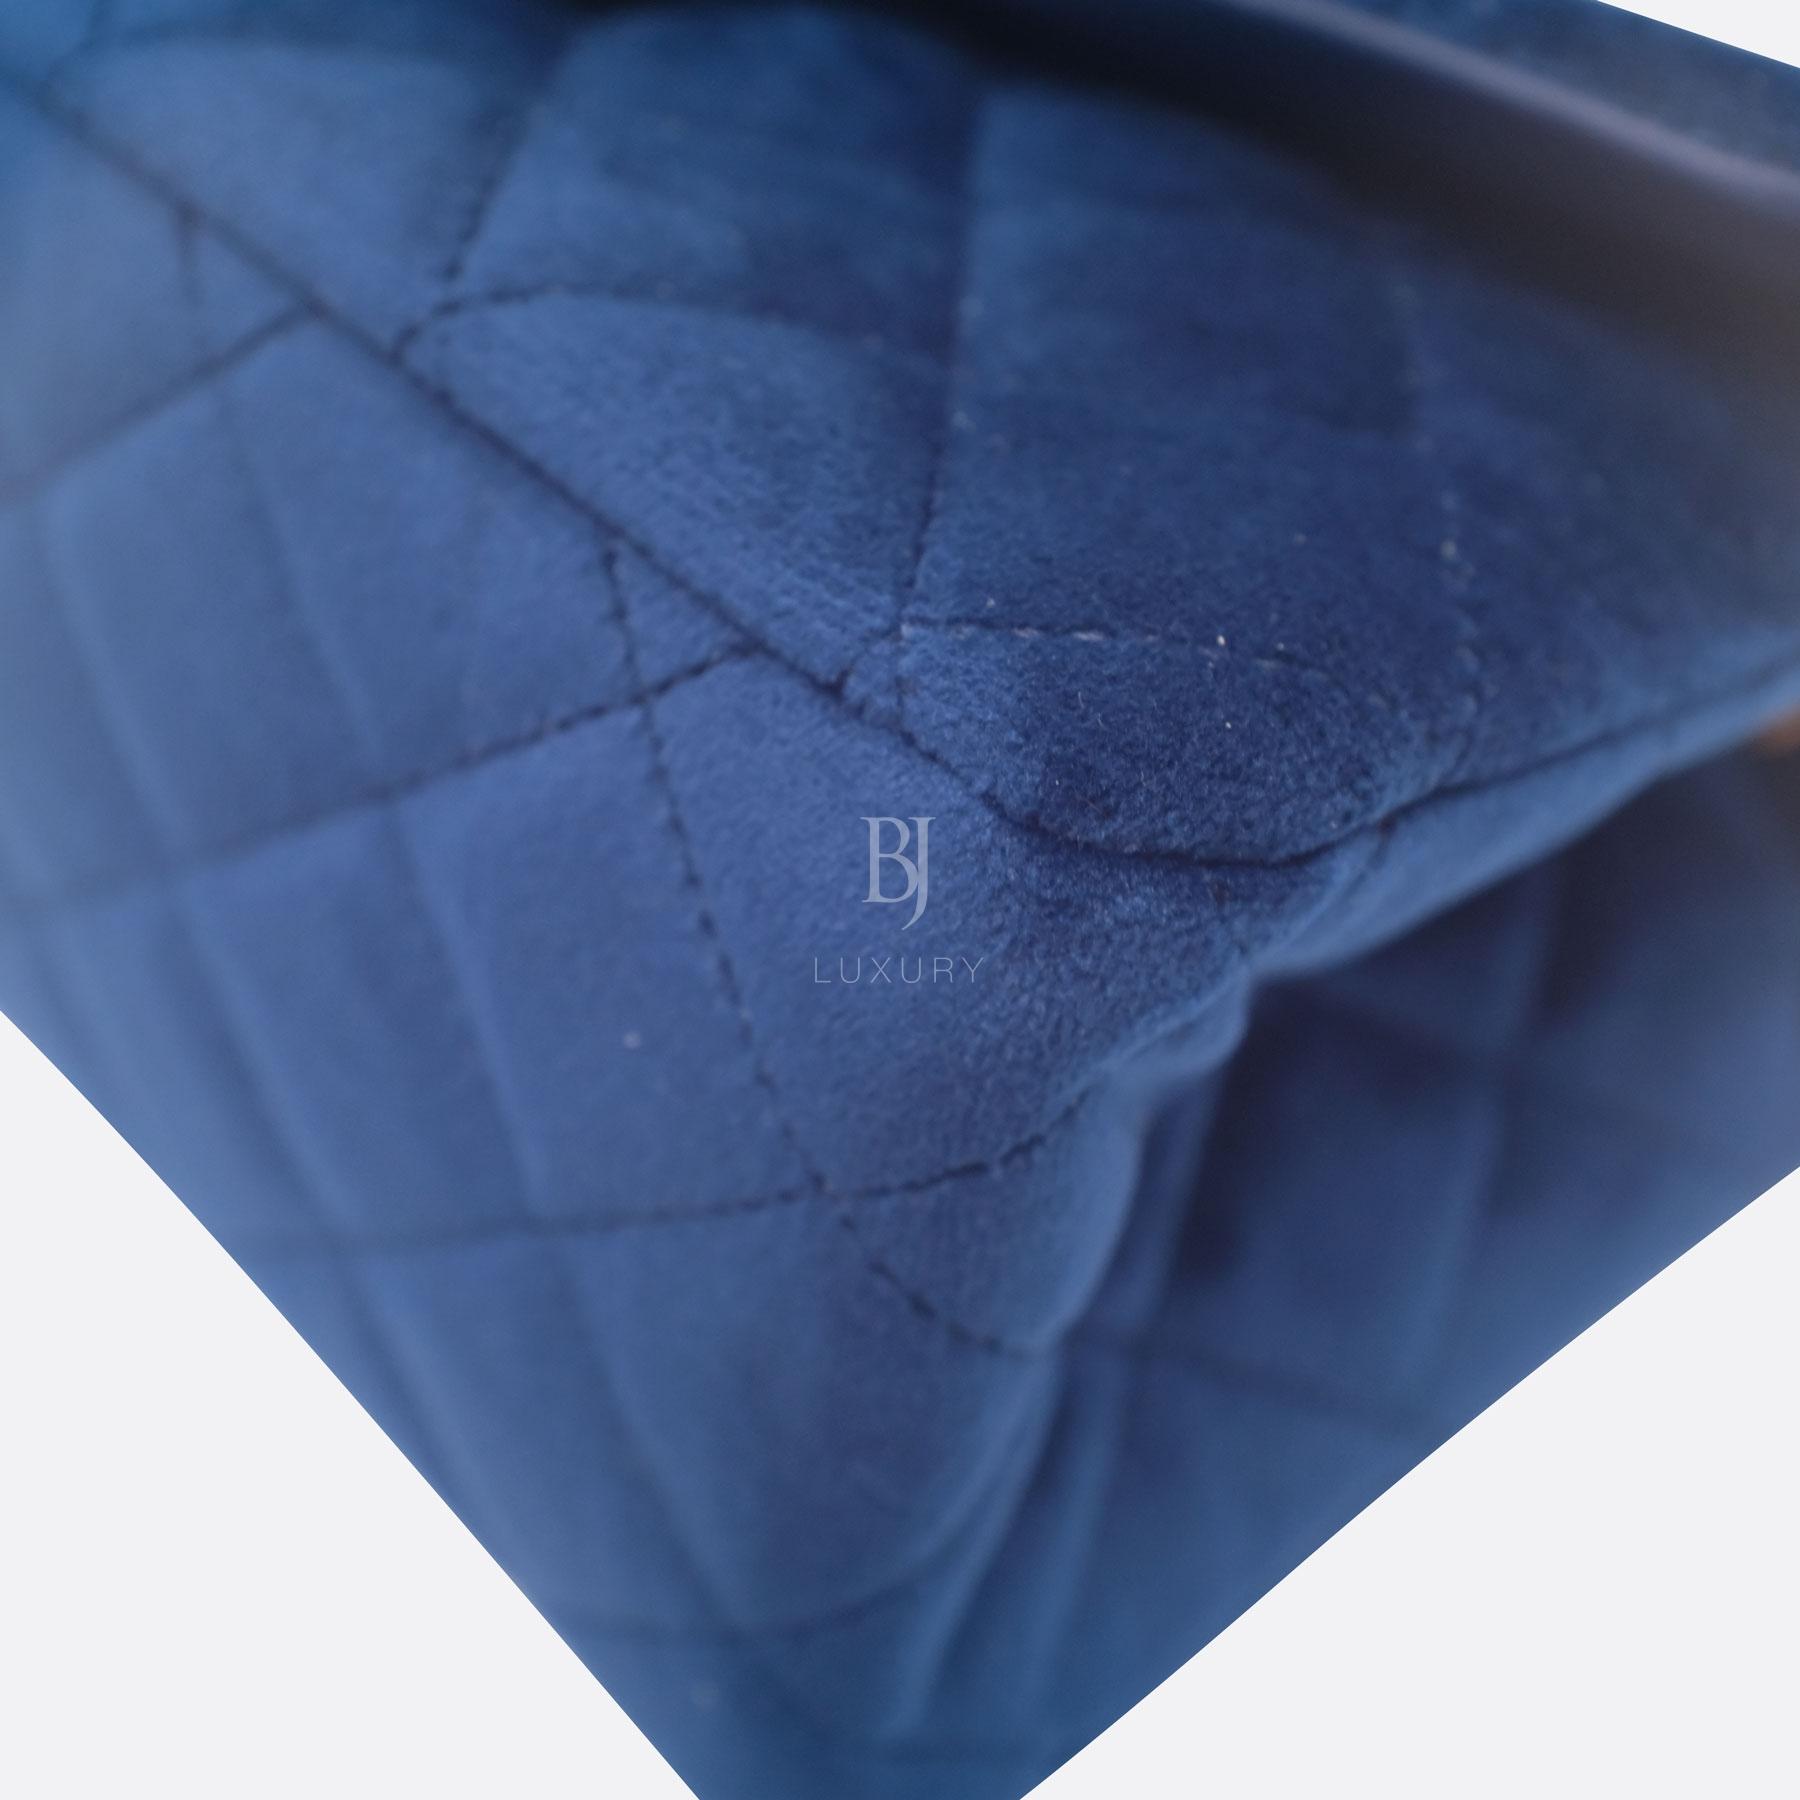 CHANEL-2.55-MINI-BLUE-VELVET-DSCF8699.jpg